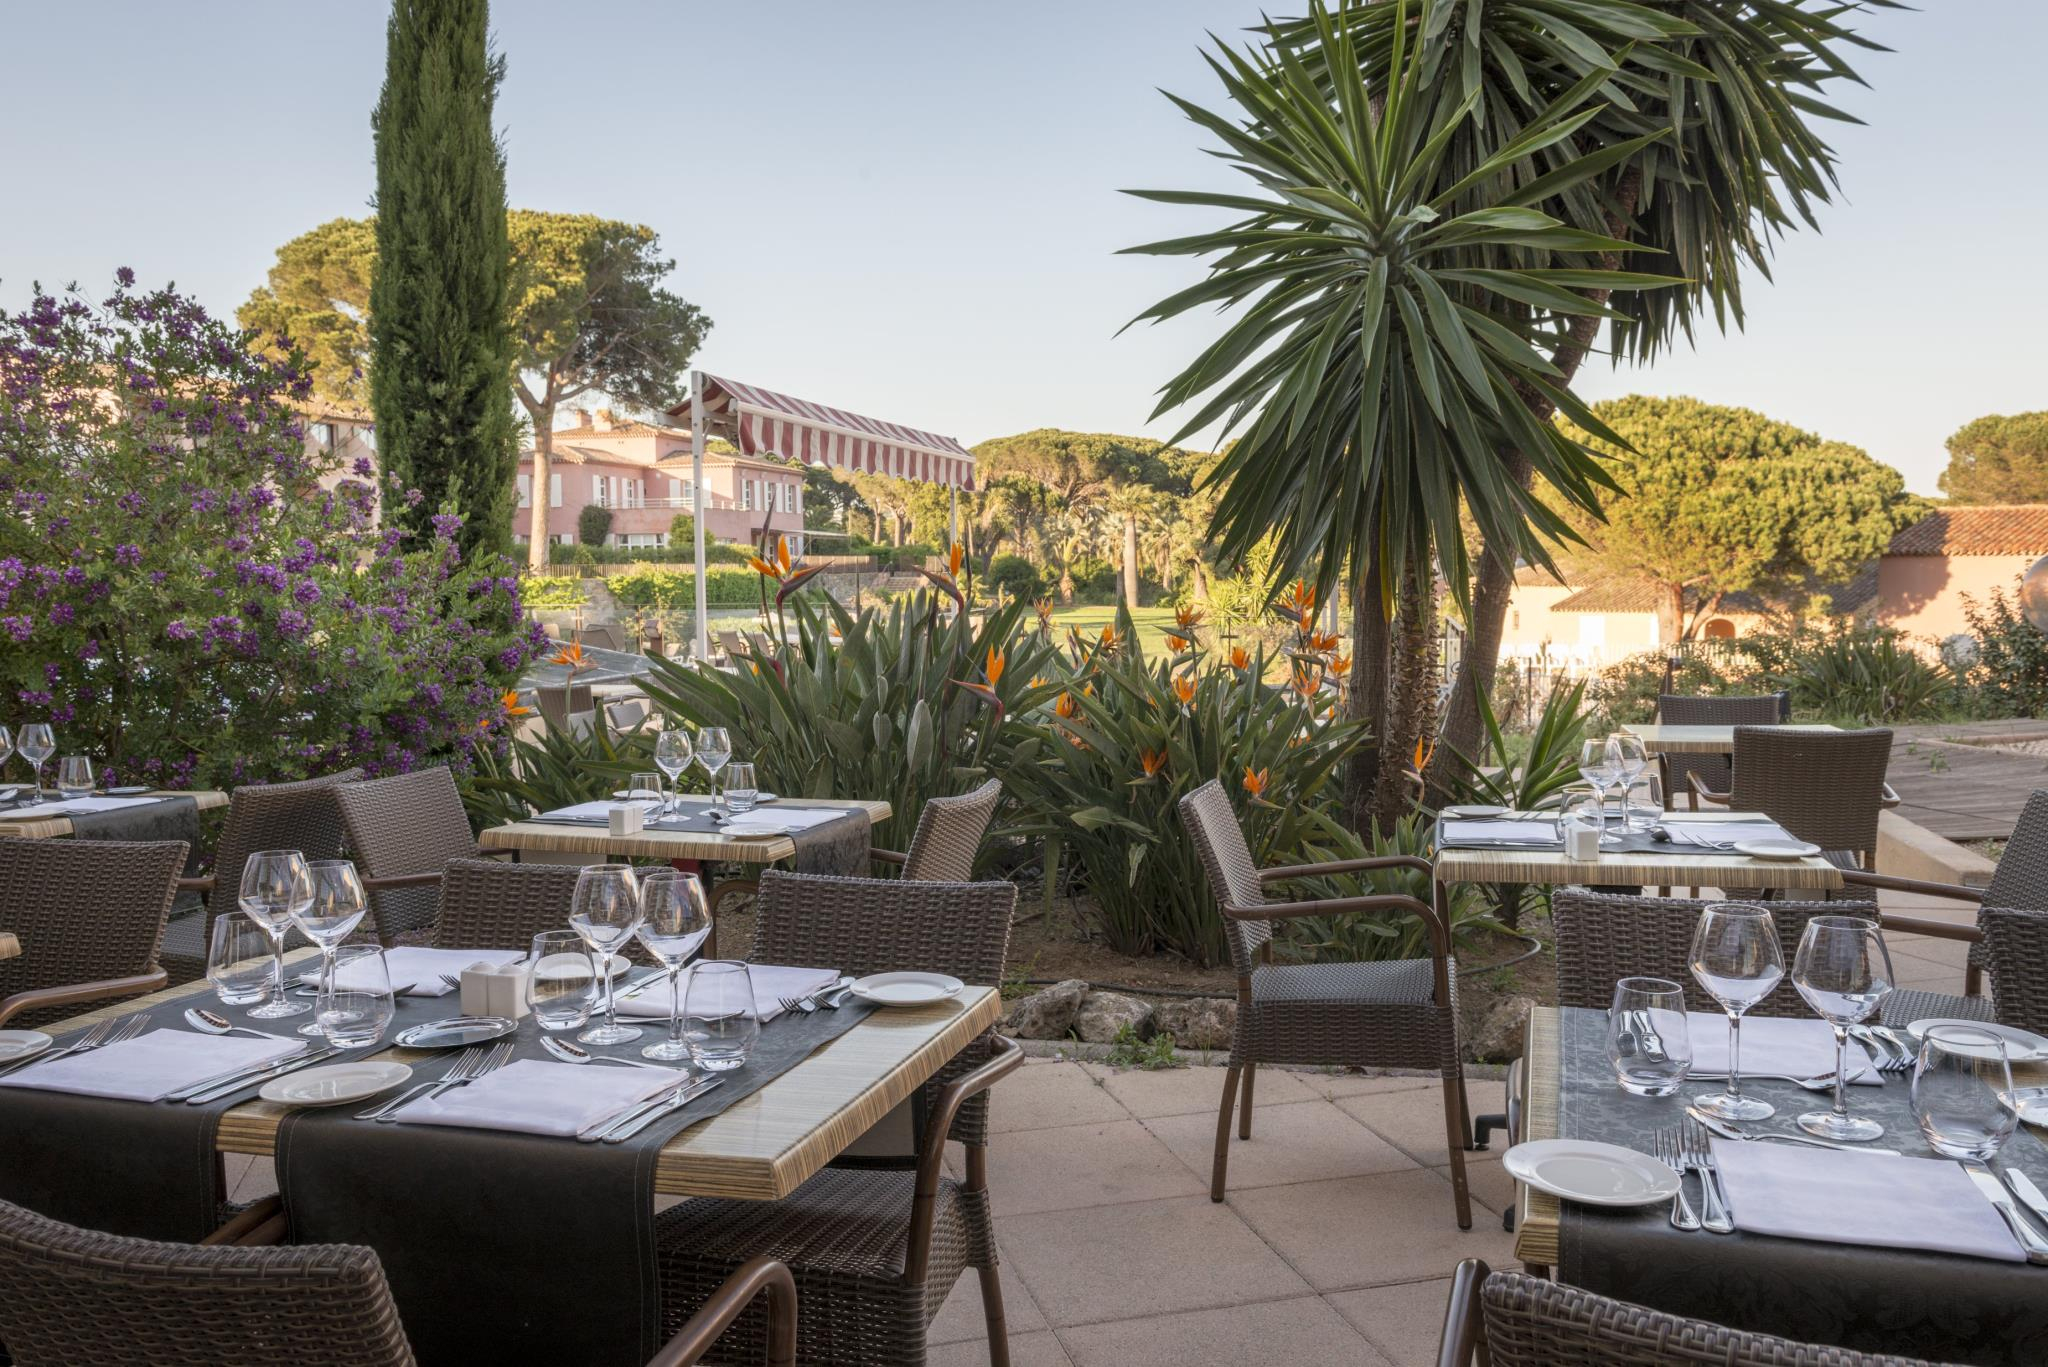 Les Jardins De Sainte Maxime: Deals & Booking   Om.wego concernant Hotel Les Jardins De Sainte Maxime